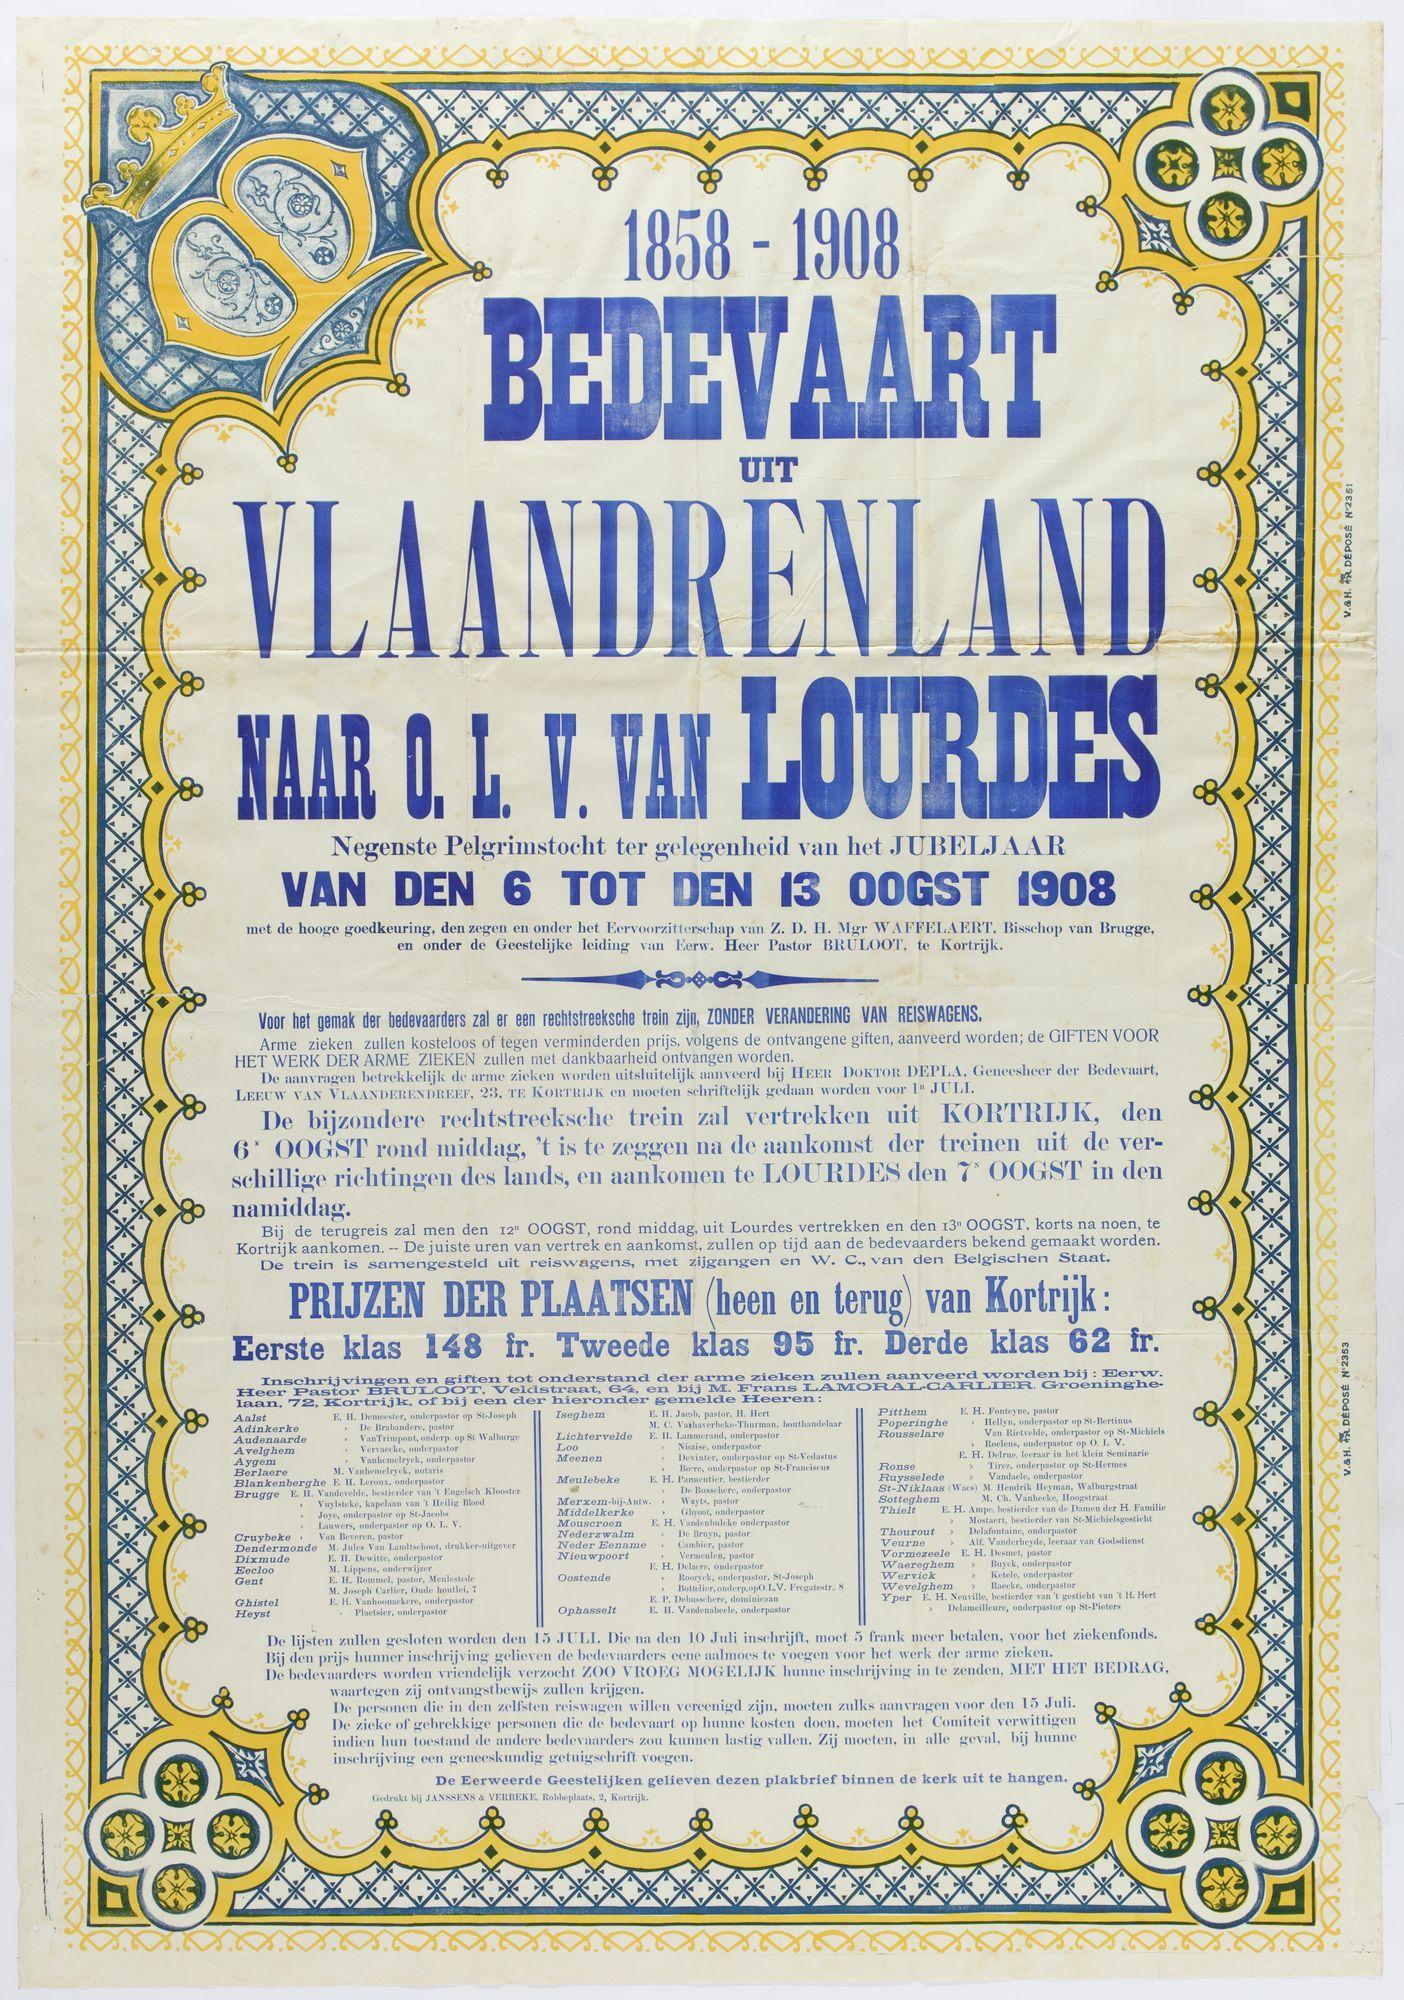 Bedevaart Lourdes1908